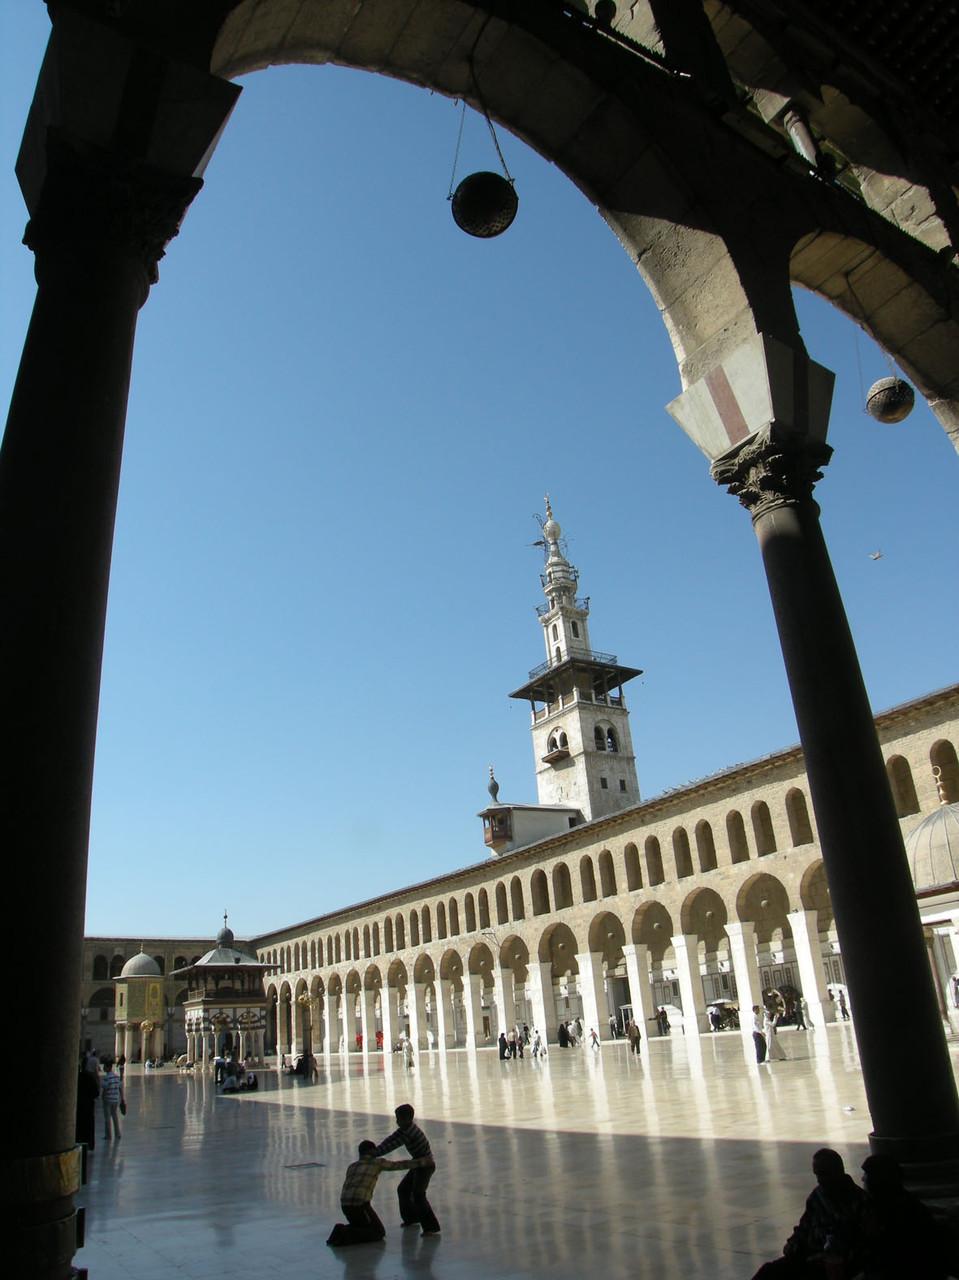 Syrien: Omayyaden-Moschee in Damaskus, die erste Moschee der Welt